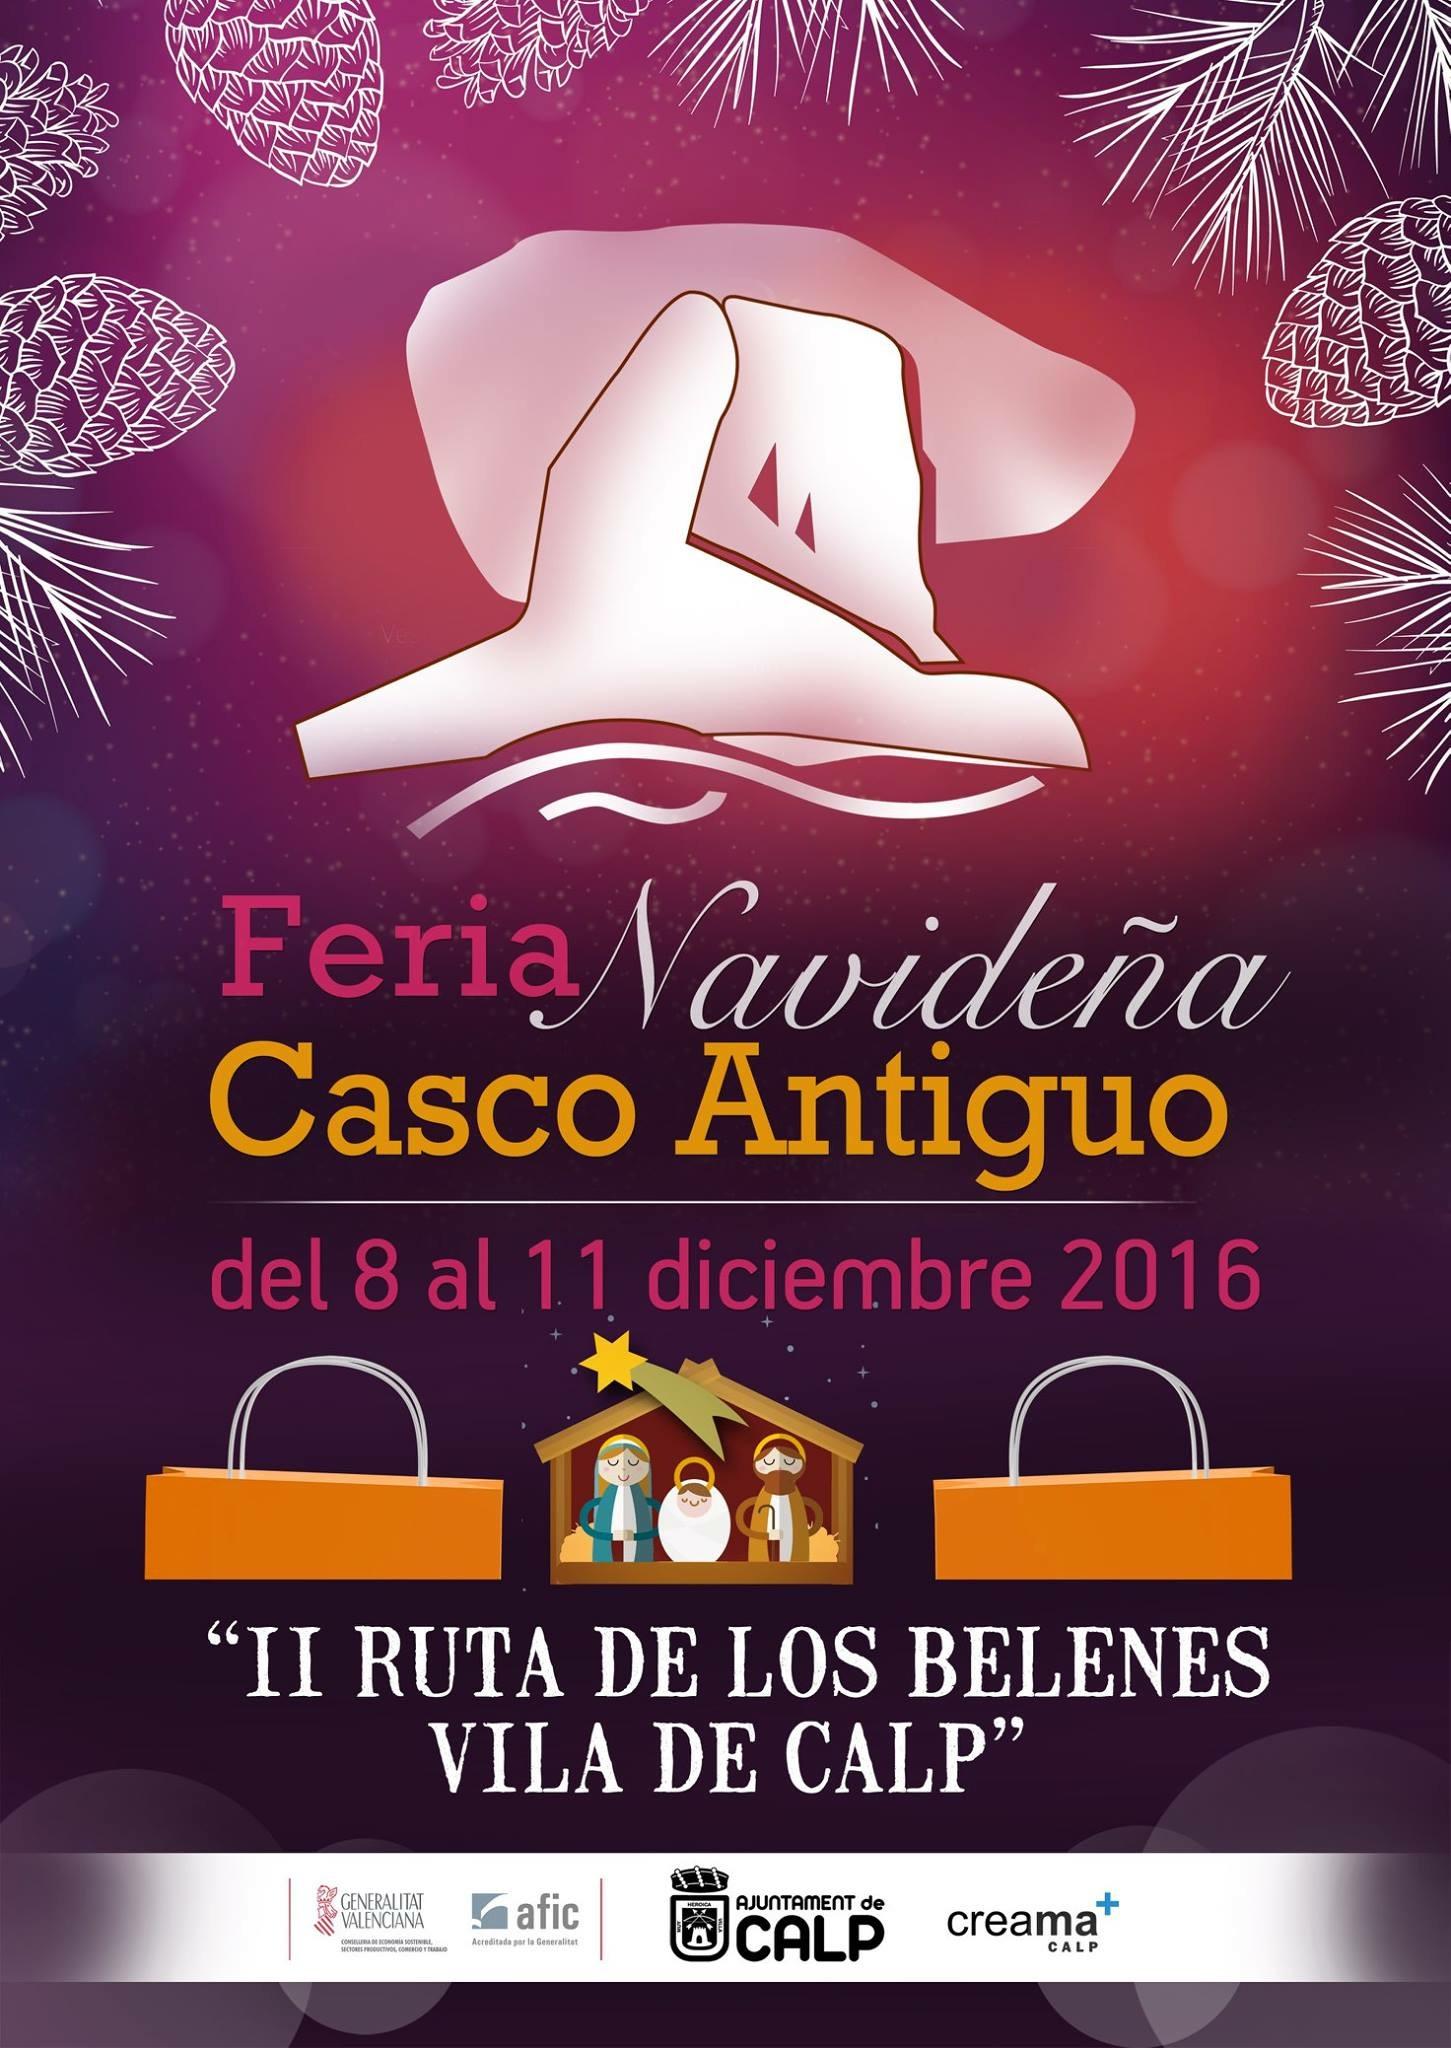 Feria Navideña en Calpe – 08 al 11 de Diciembre 2016, Mario Schumacher Blog